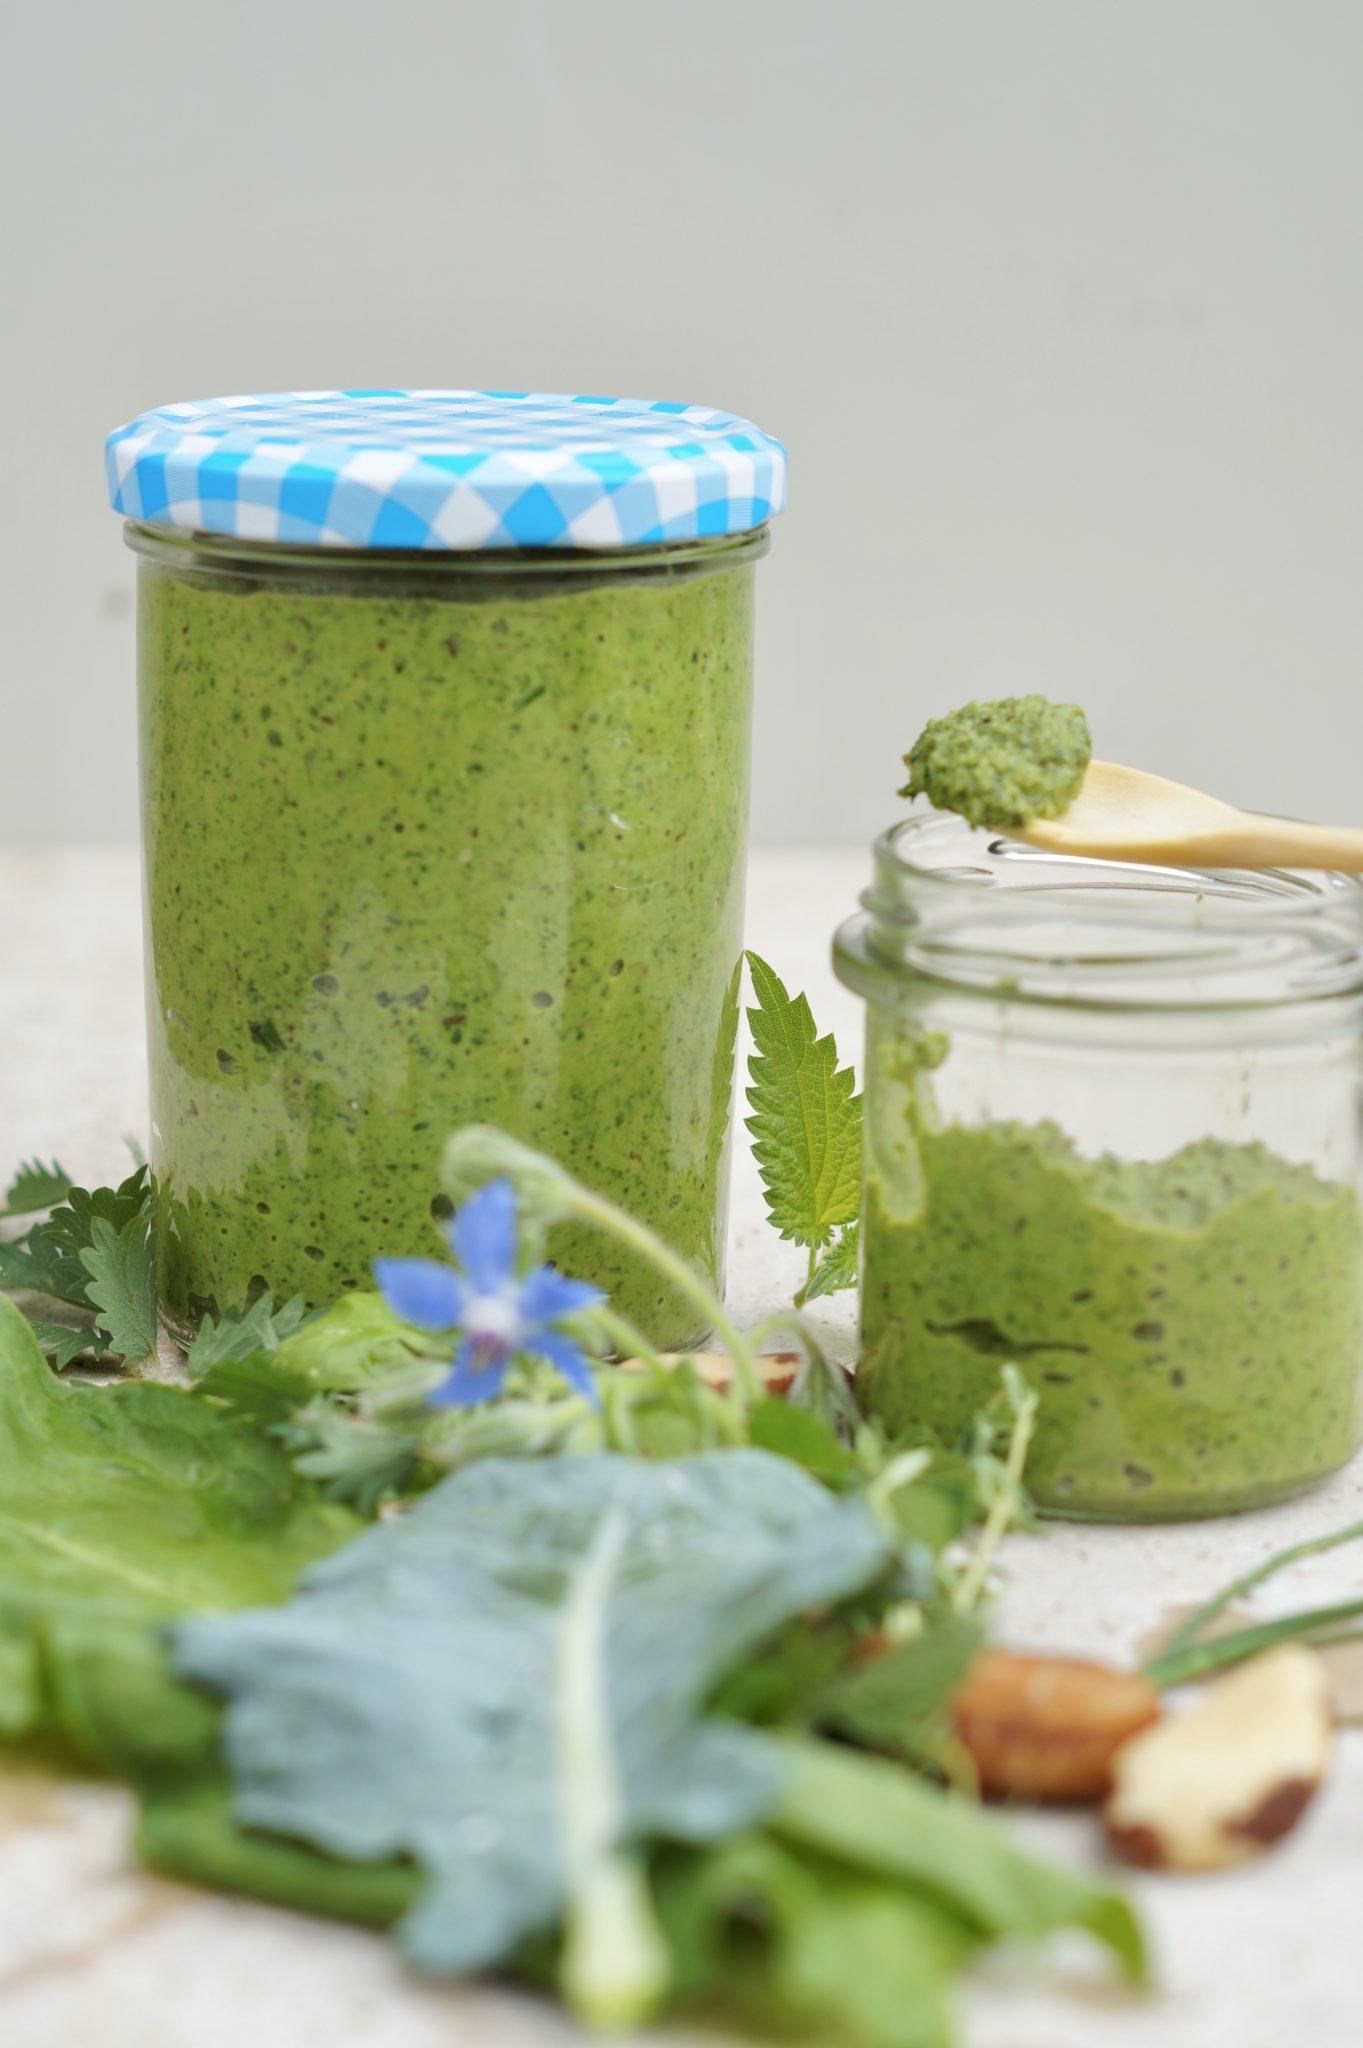 Grünes Pesto aus Gemüseblättern in einem Einmachglas